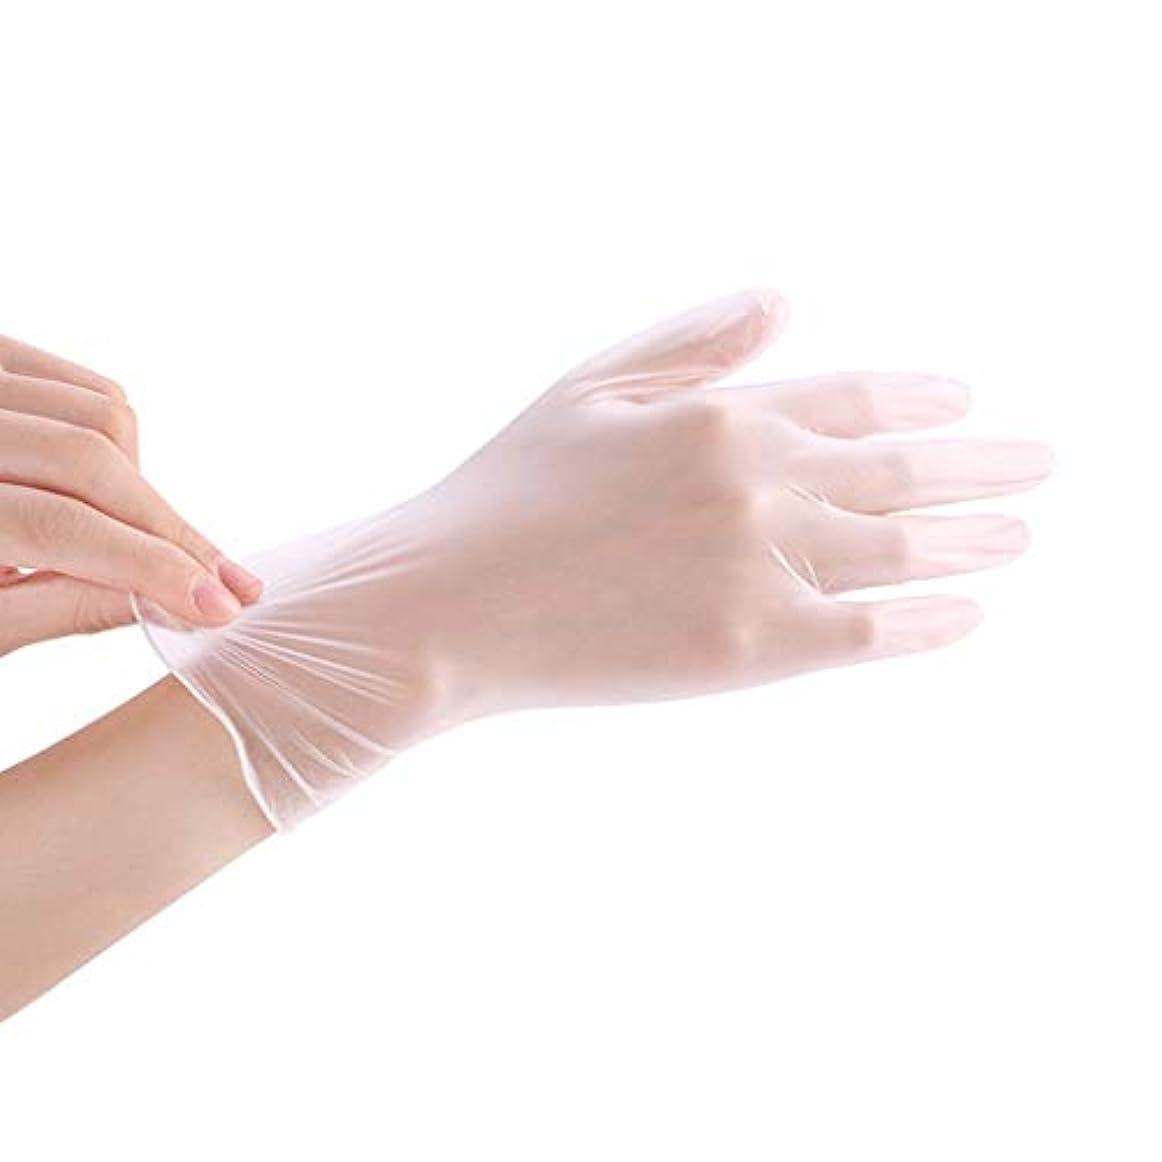 どう?閃光キルス使い捨て透明食品ケータリンググレードPVC手袋美容キッチンベーキングフィルム手袋200 YANW (色 : トランスペアレント, サイズ さいず : L l)